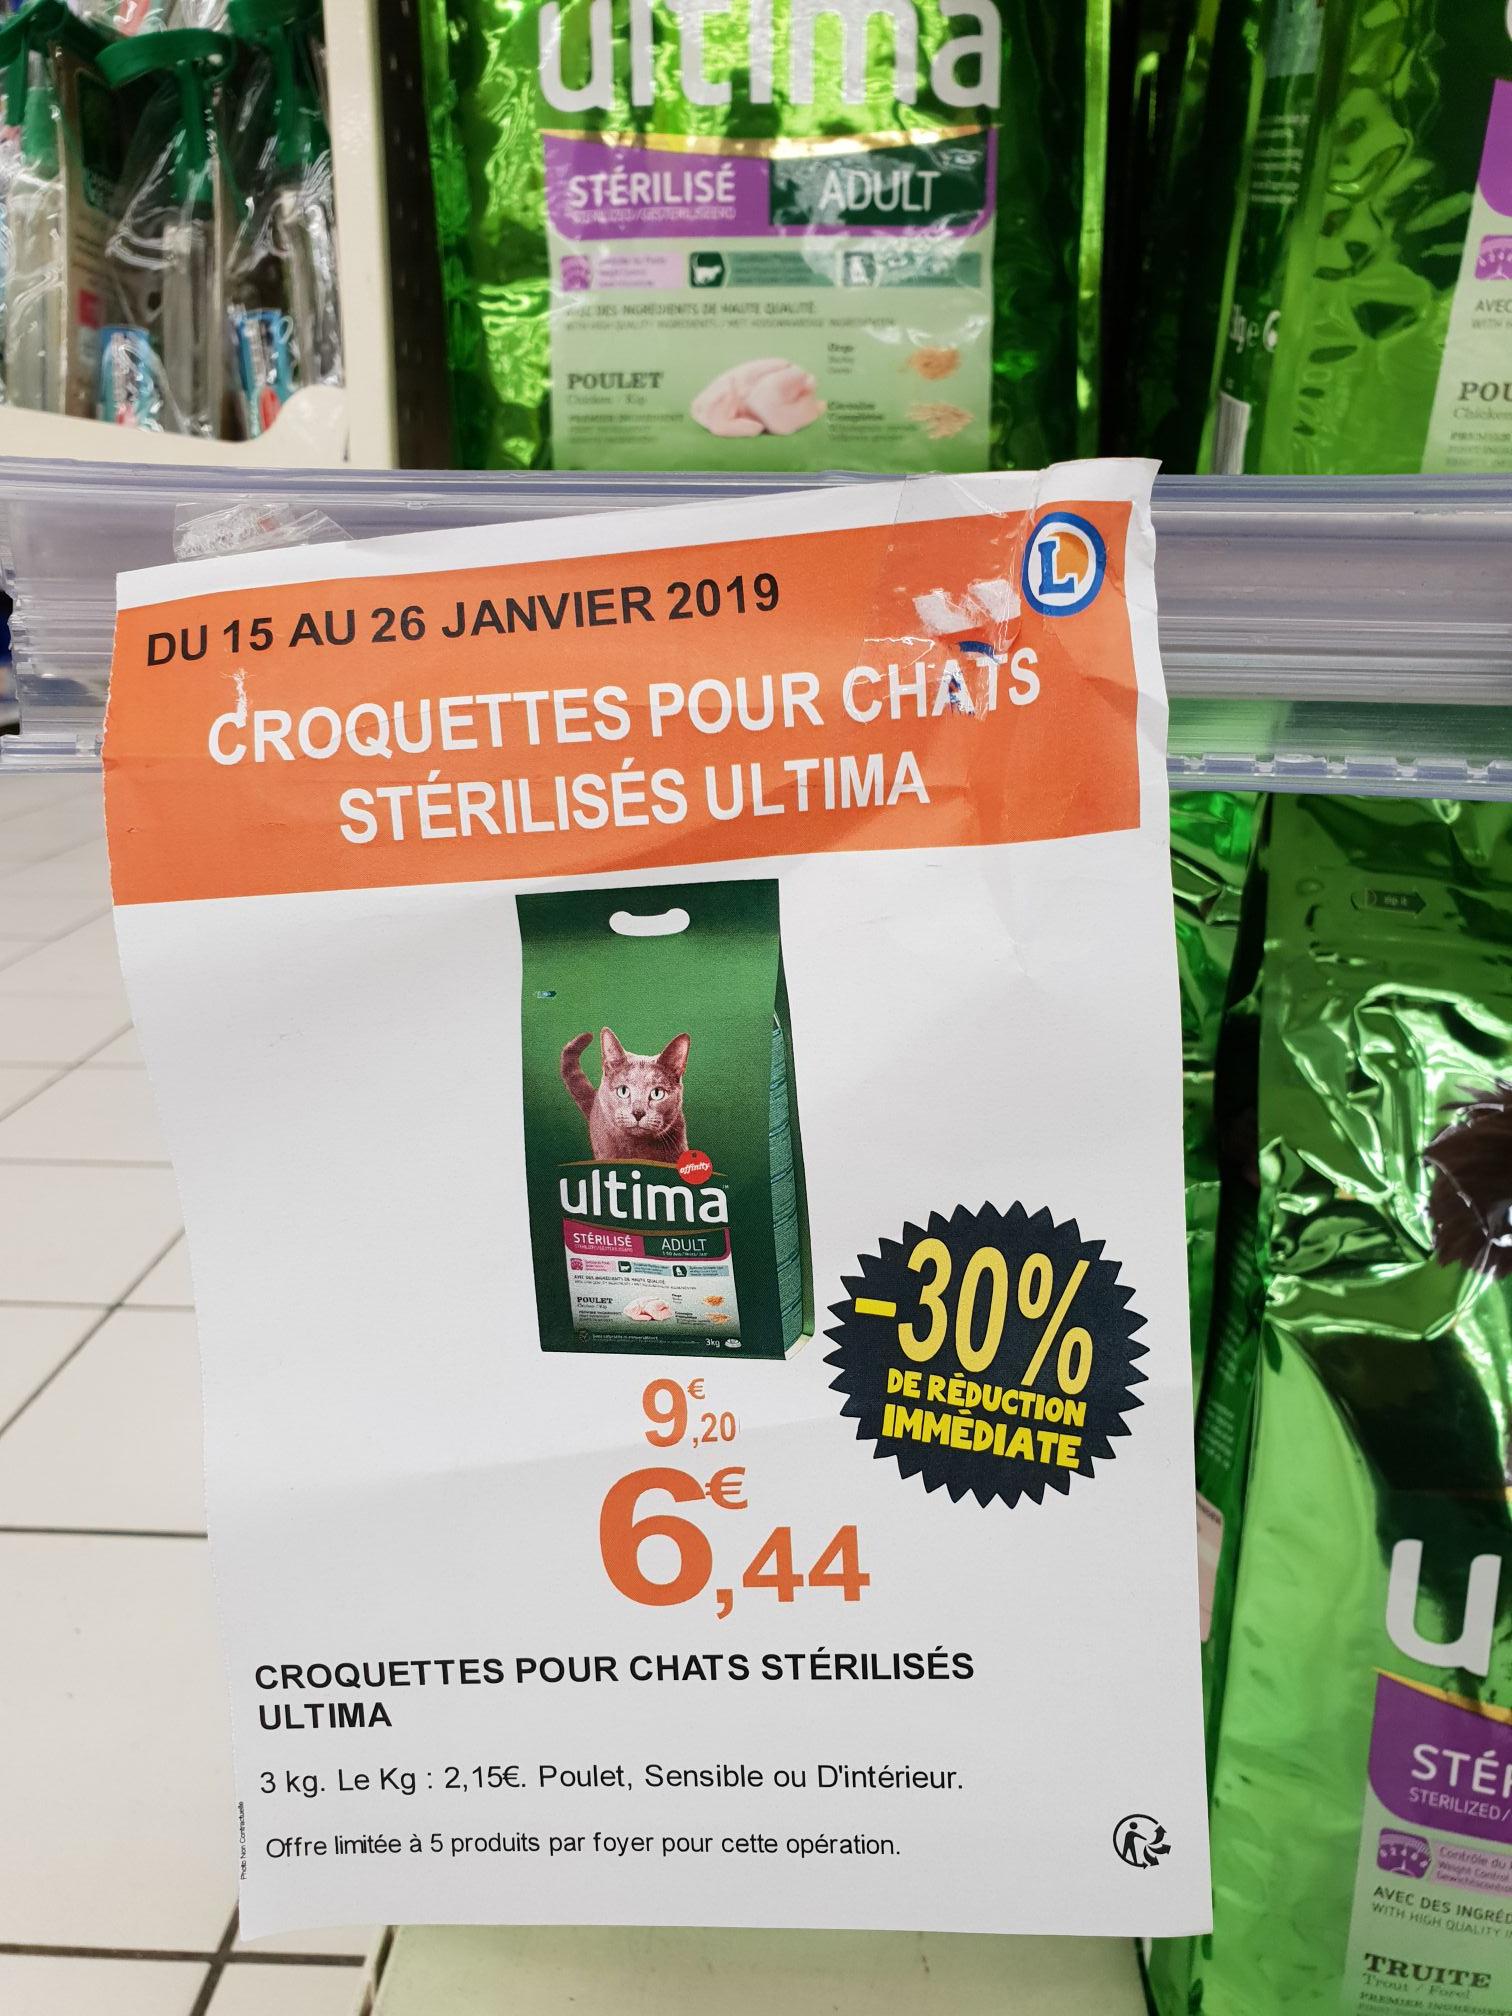 Paquet de croquettes pour Chat Adult ULTIMA 3kg (Dinde ou Saumon) - Orly (94)